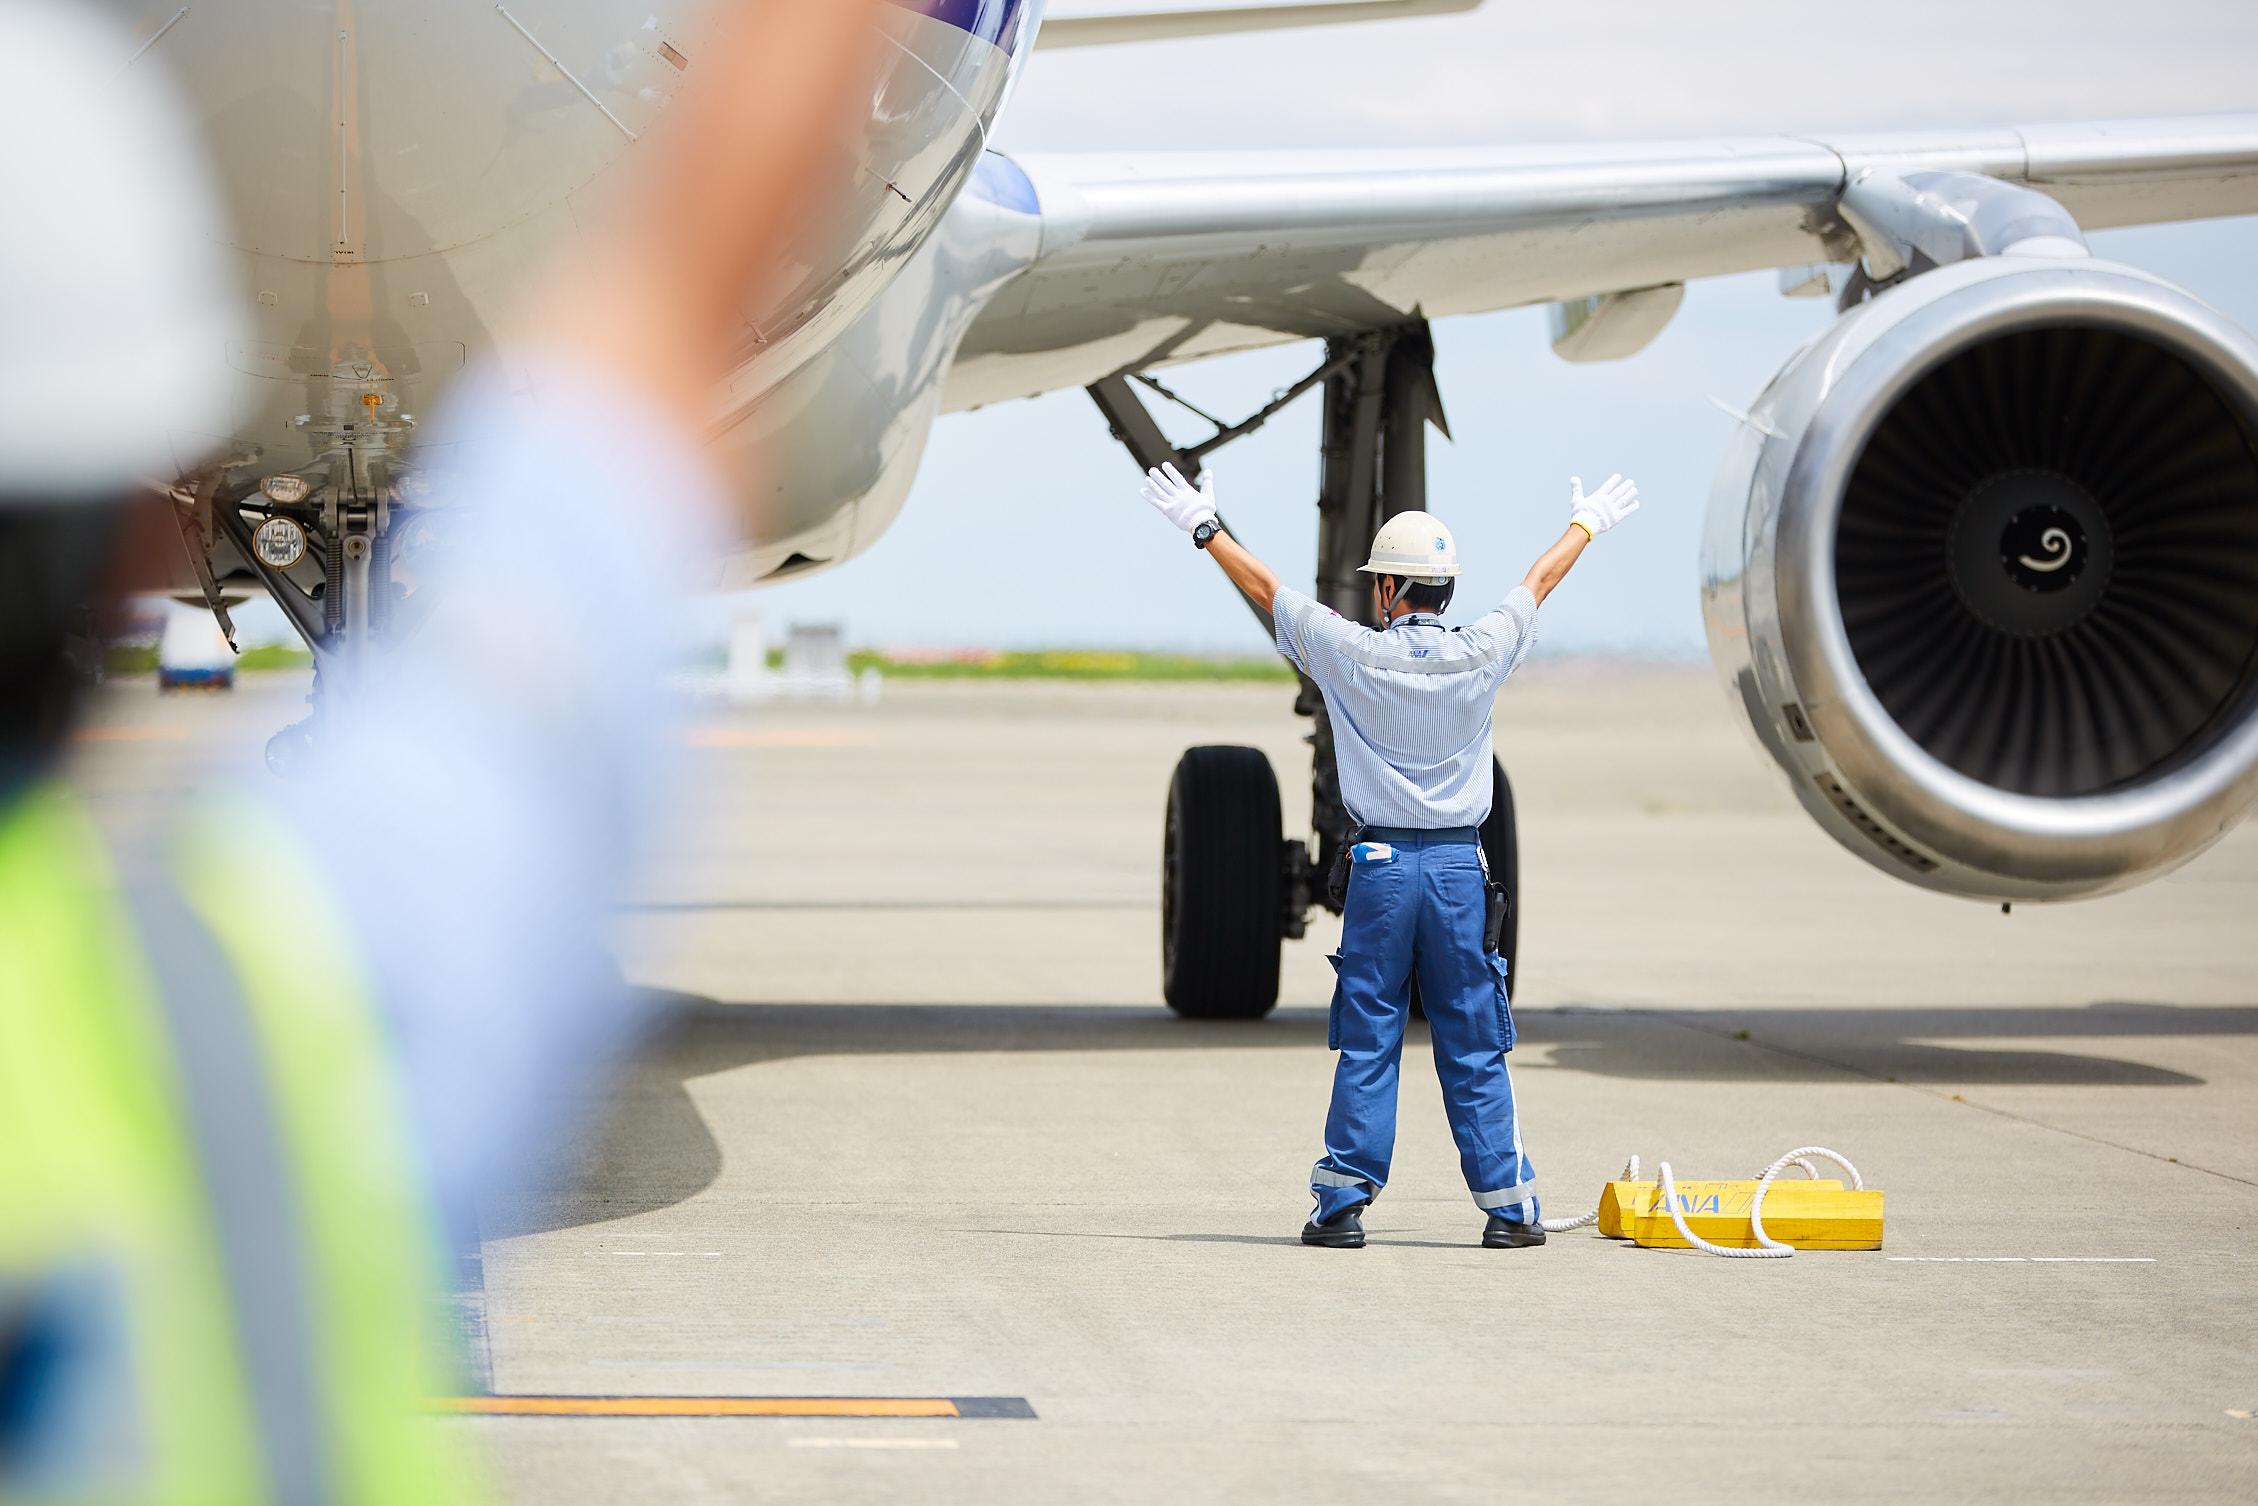 スターフライヤー便のランプハンドリング業務